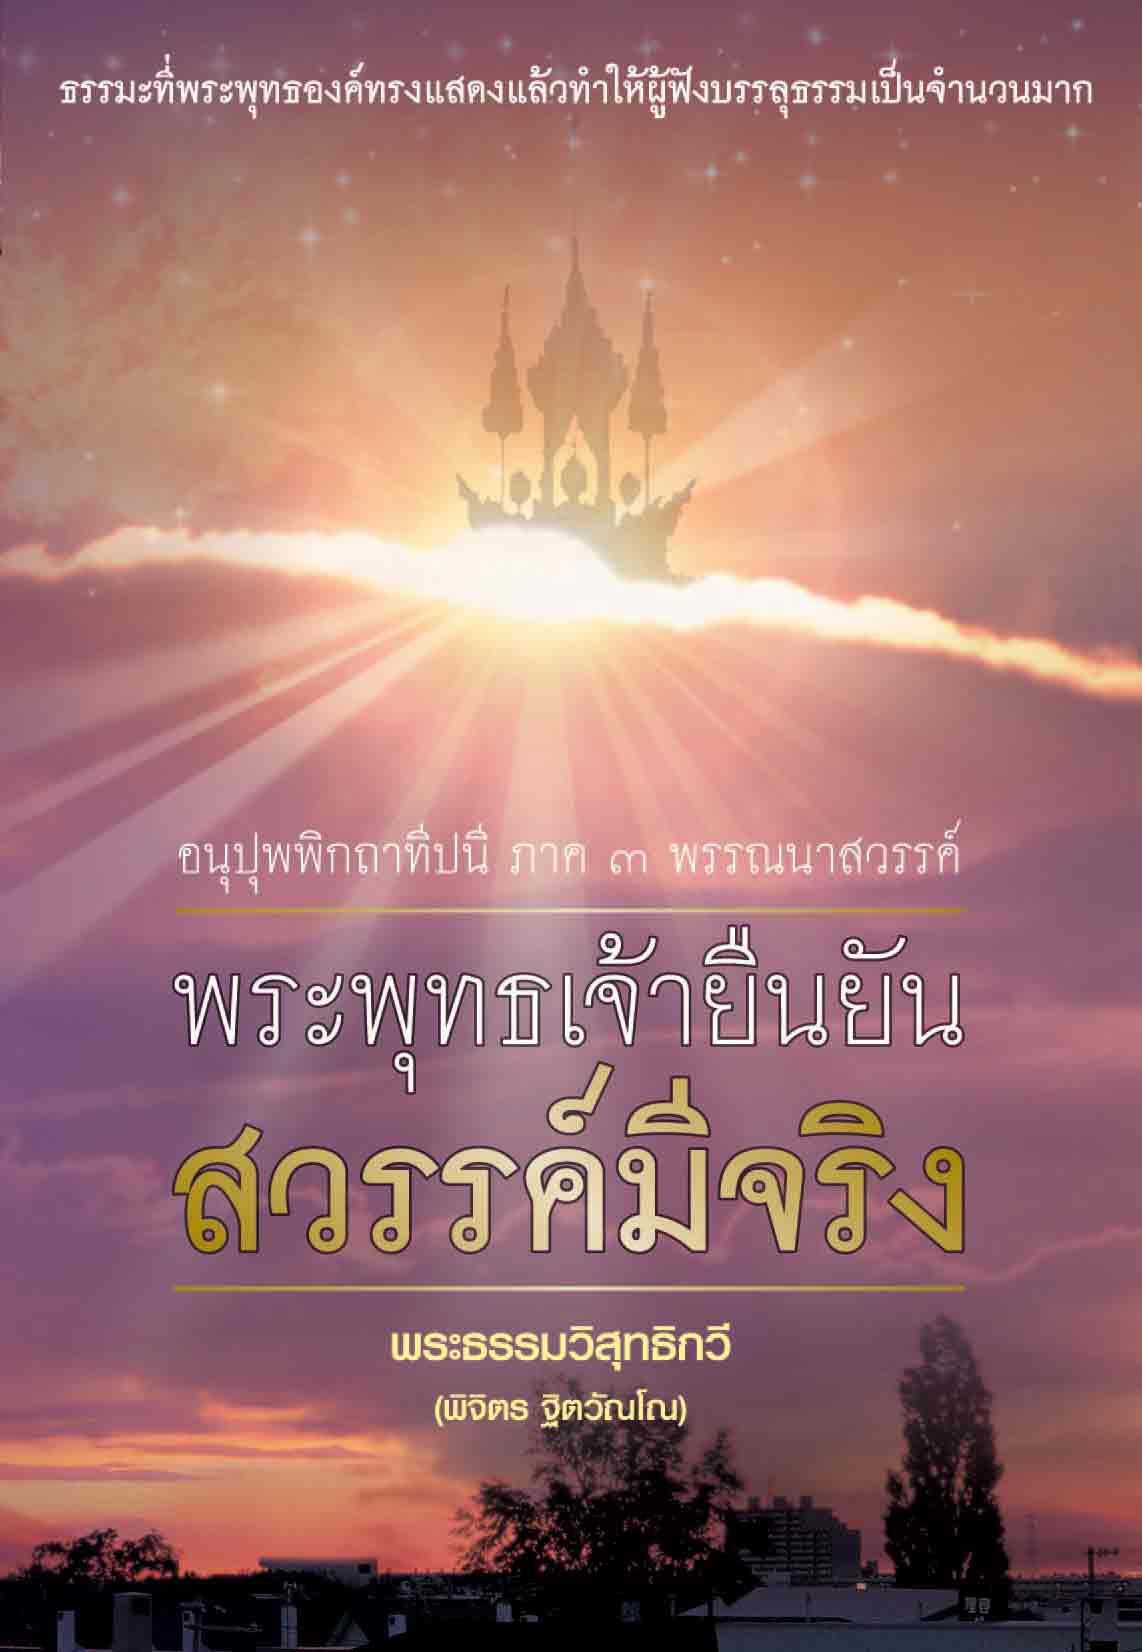 พระพุทธเจ้า-ยืนยัน-สวรรค์มีจจริง-หน้าปก-ookbee